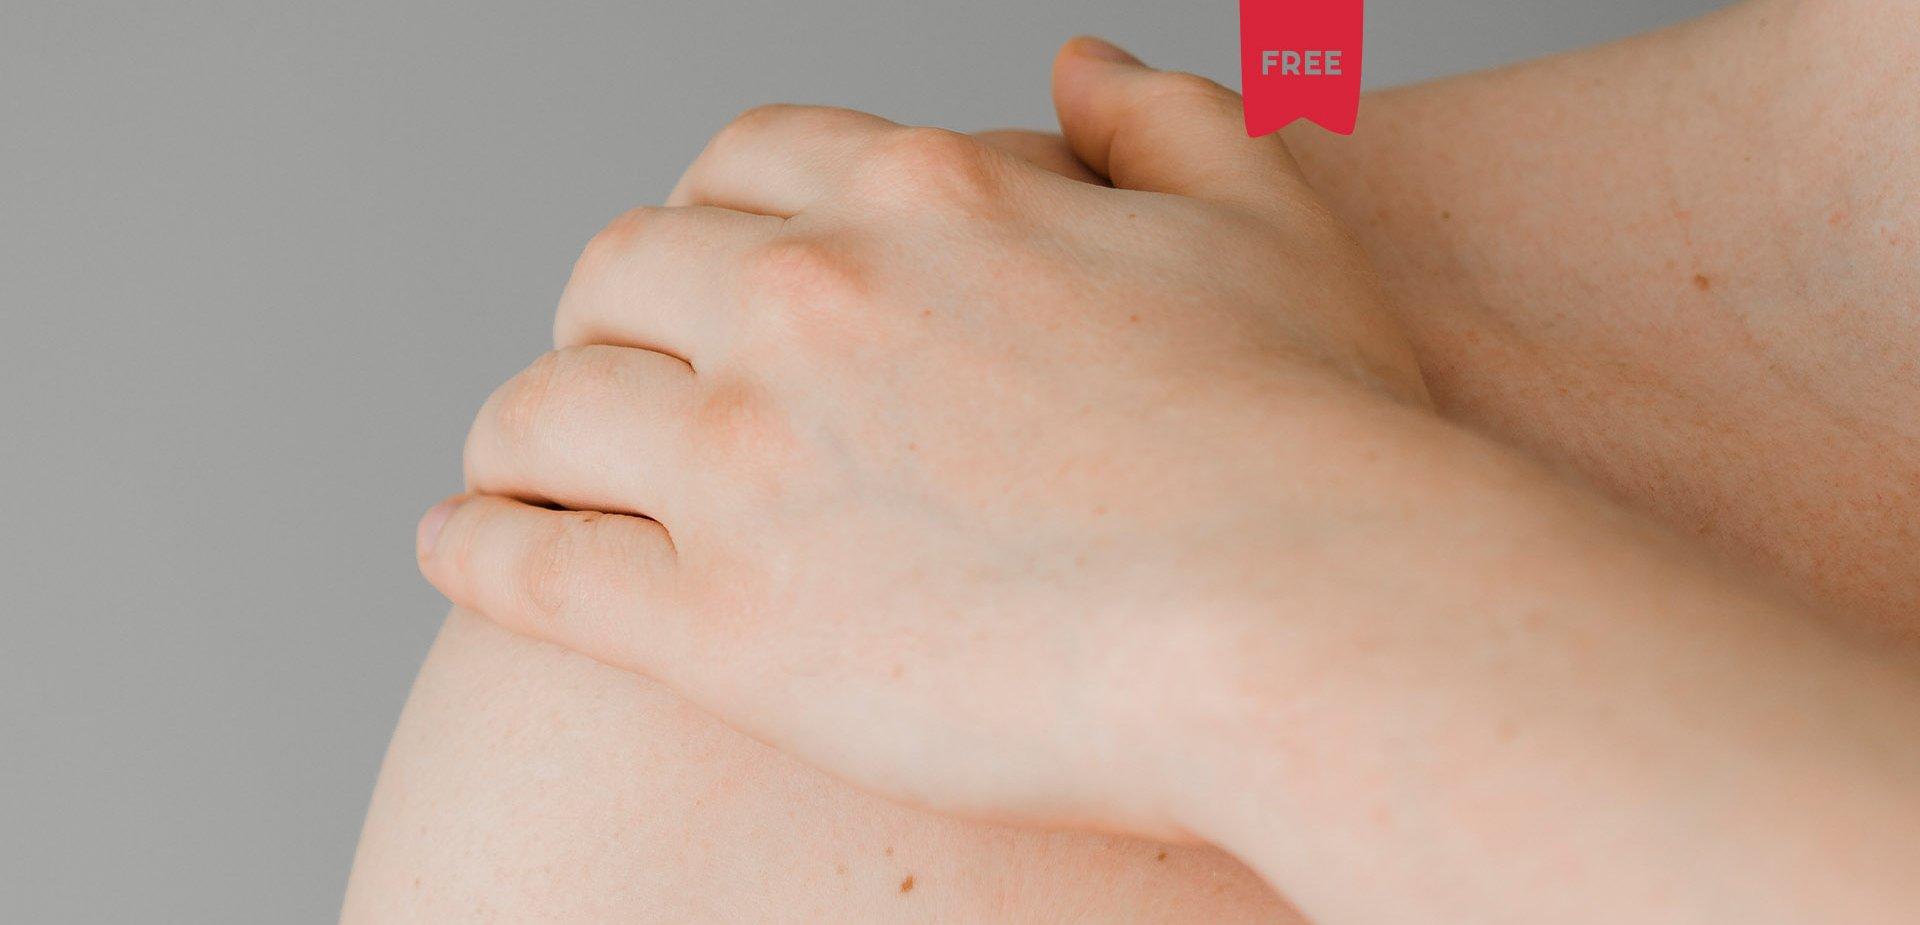 Hipermobilidade do ombro e a sua relação com síndrome do impacto subacromial e capsulite adesiva